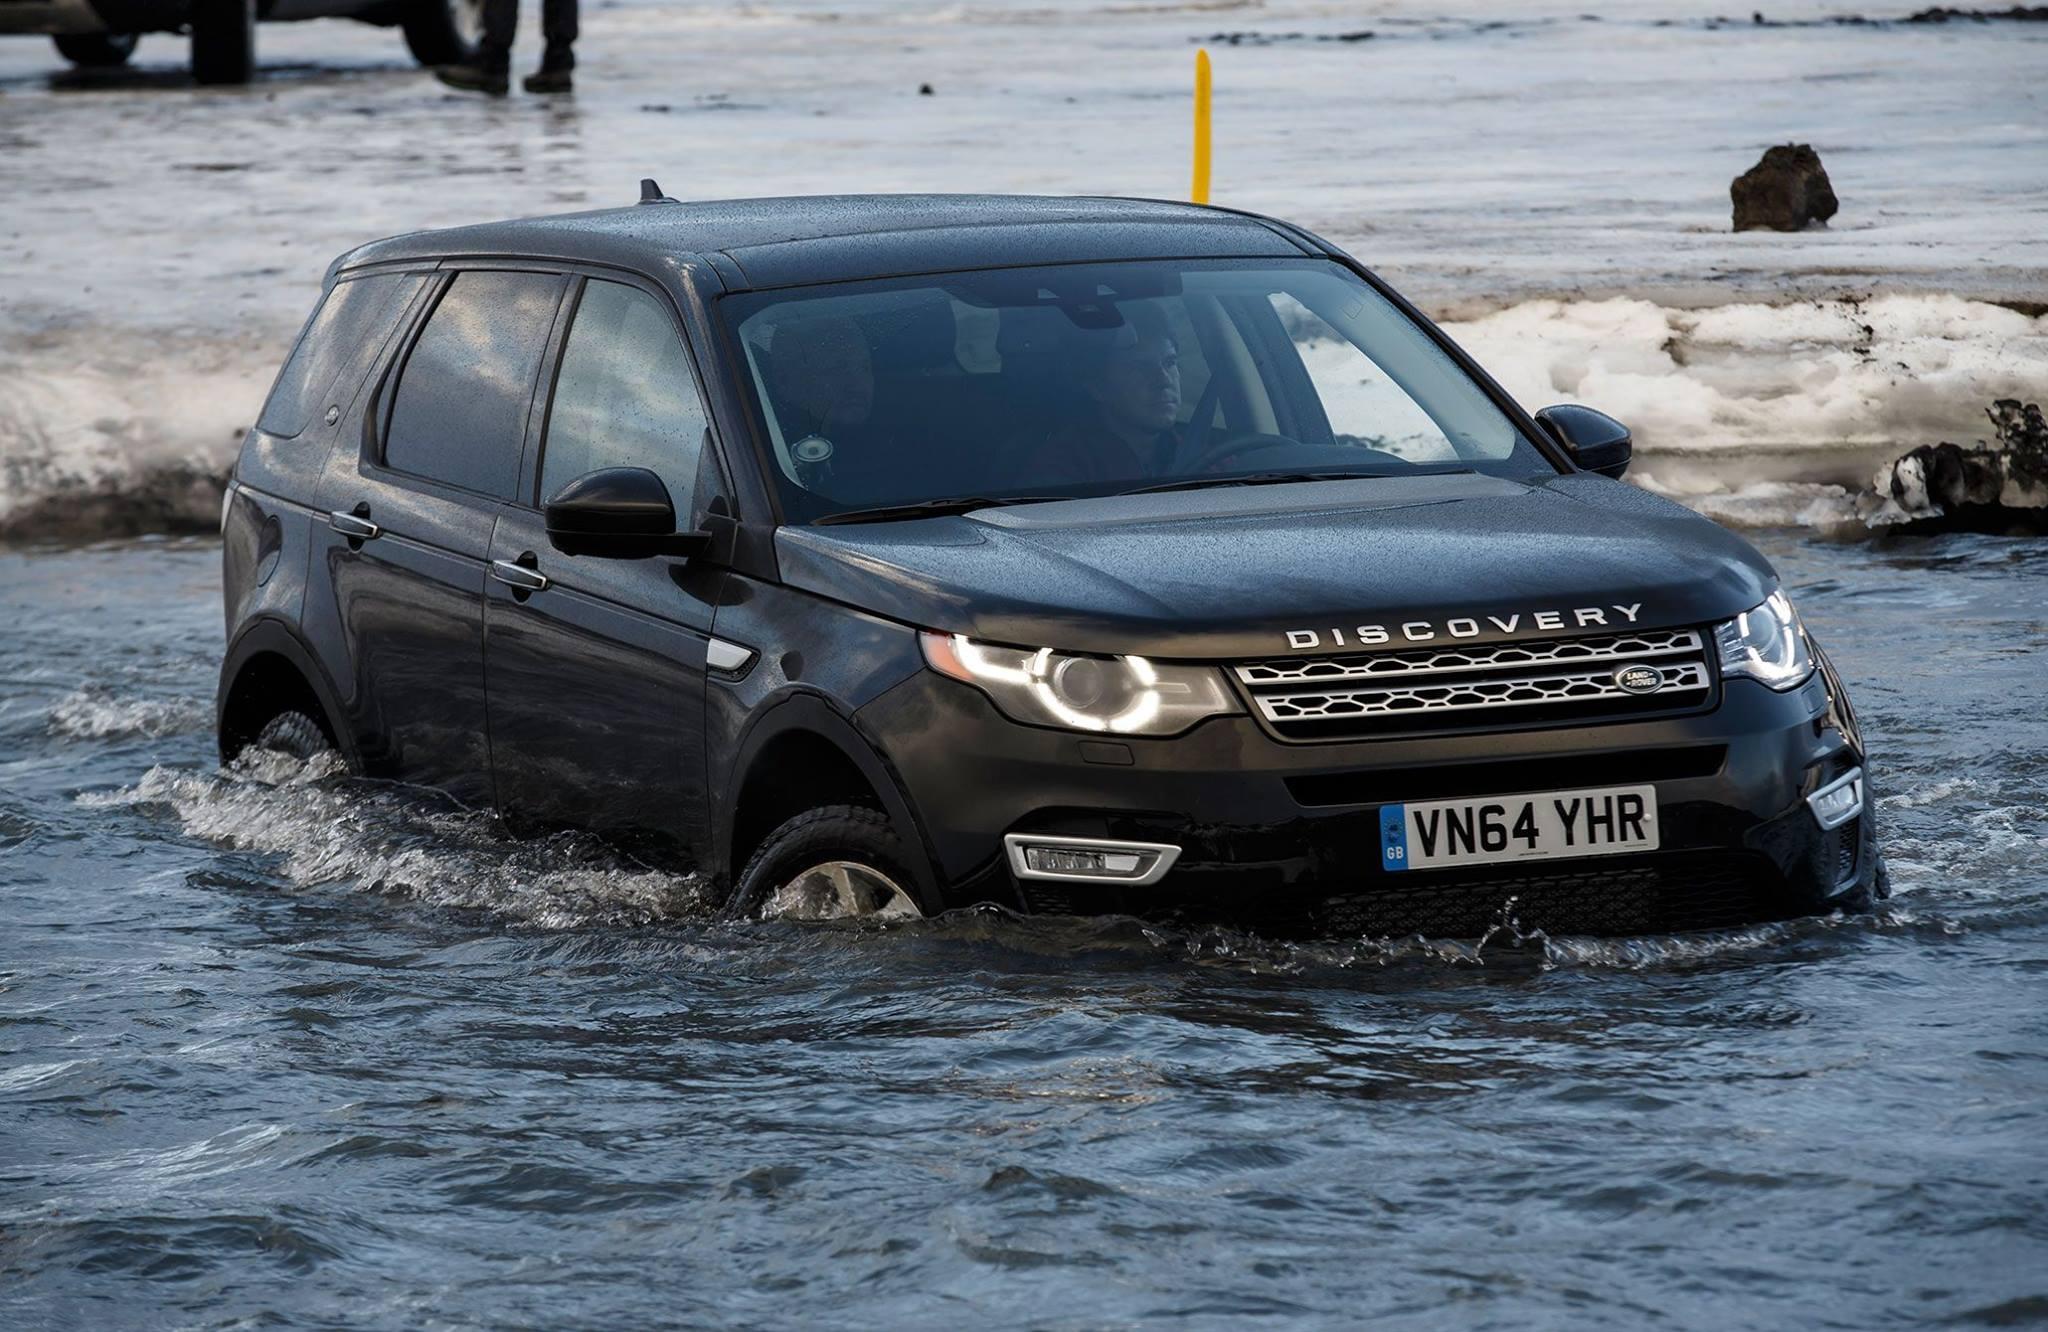 Vozidlo dokáže prekonať aj vodný brod hlboký 600 mm. (Foto: archív)